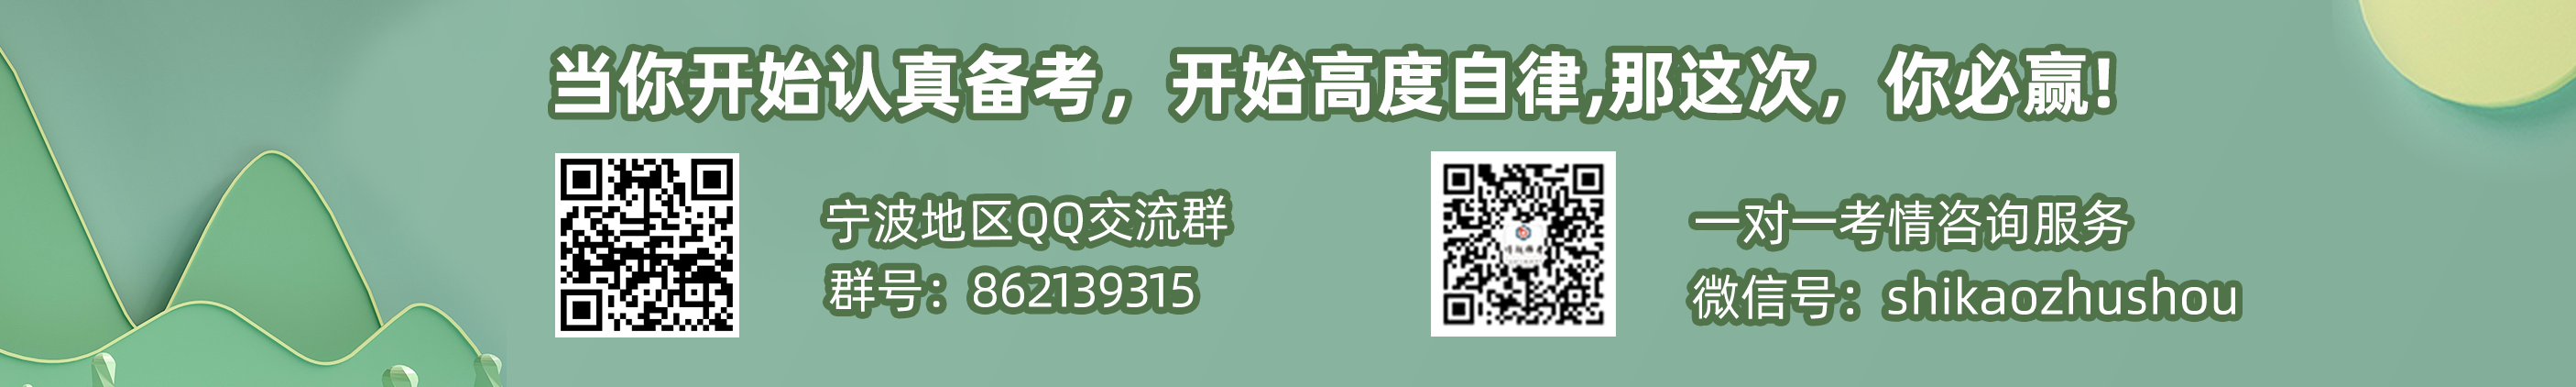 网页小banner宁波.png